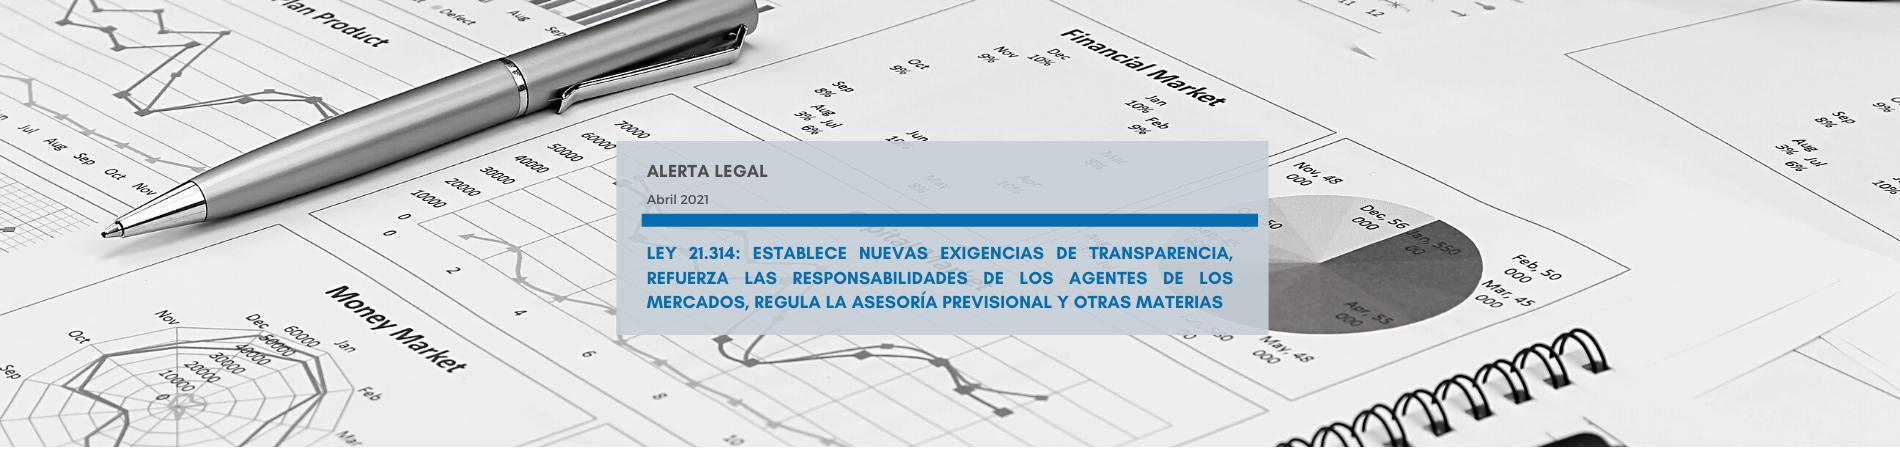 Alerta Legal | Ley 21.314: Establece nuevas exigencias de transparencia, refuerza las responsabilidades de los agentes de los mercados, regula la asesoría previsional y otras materias